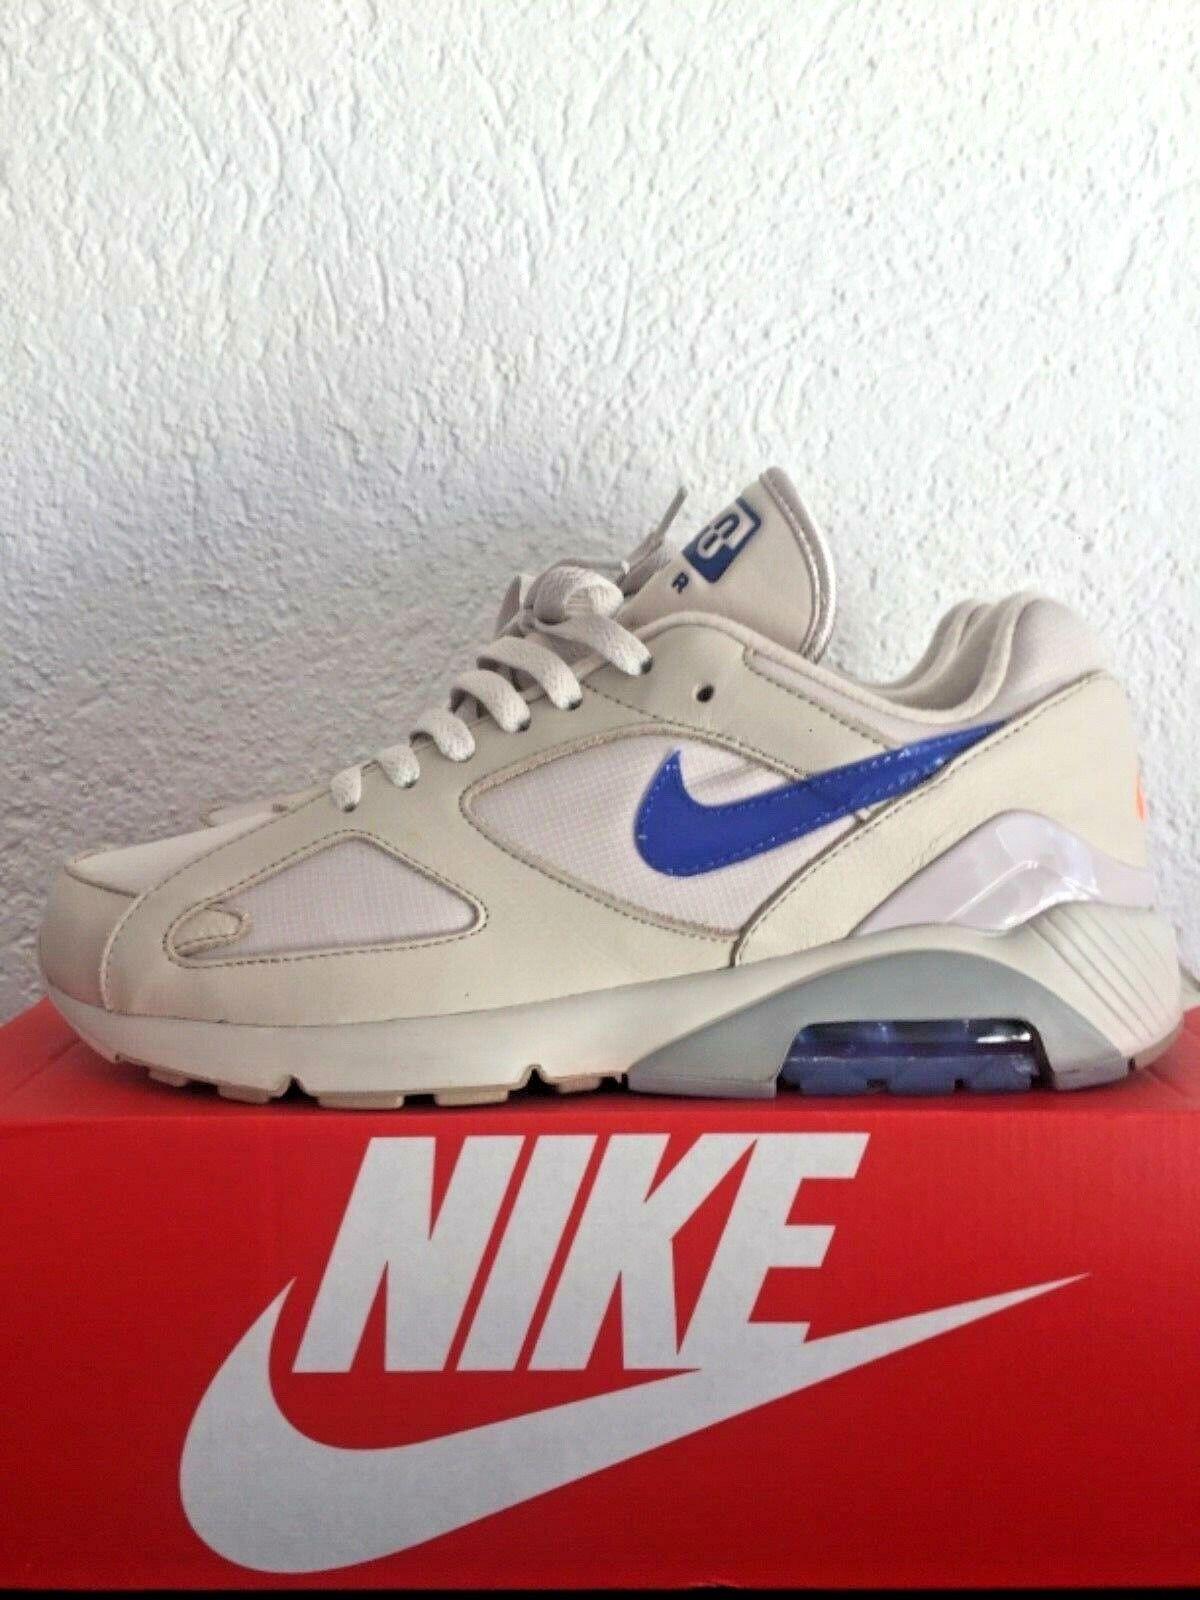 Nike air max 180,new with box 90 93 95 97 98 hoa parra patta atmos